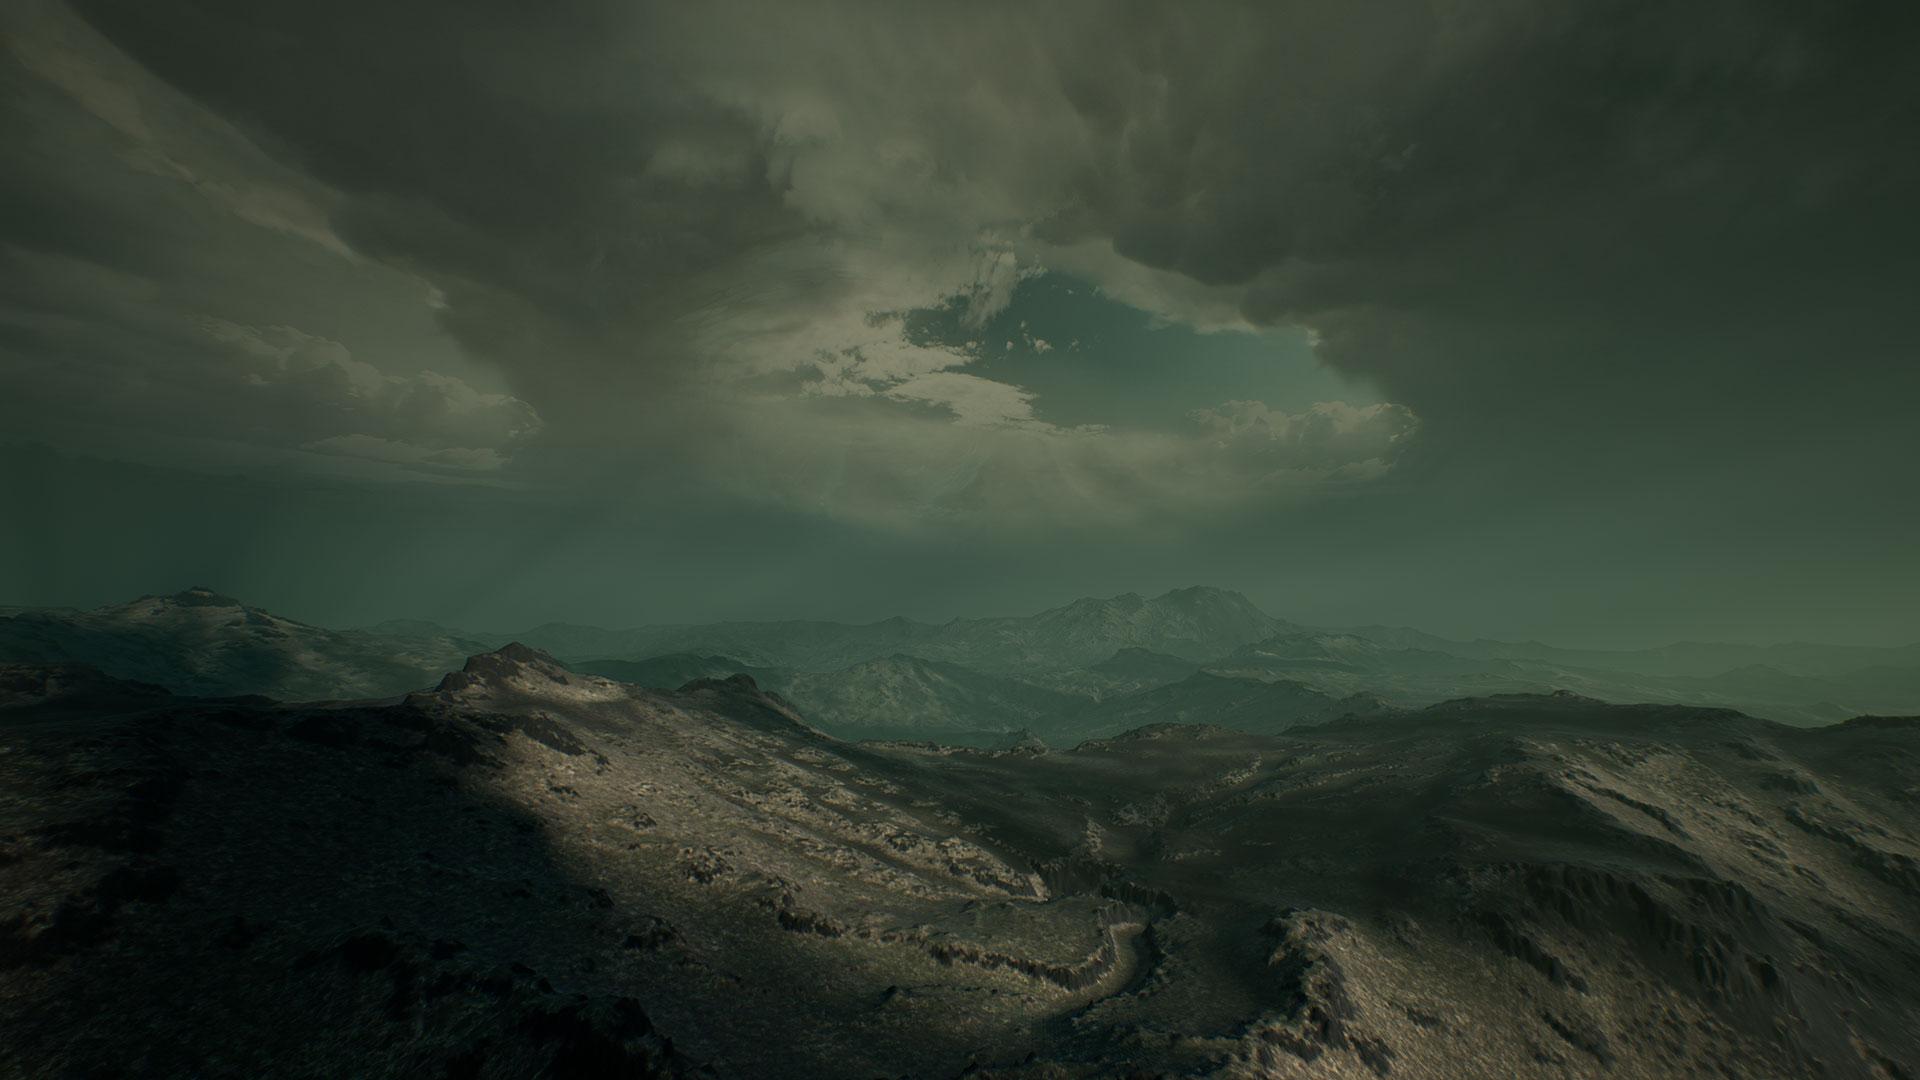 UE4景观资源合集包:Elite Landscapes: Bundle Pack